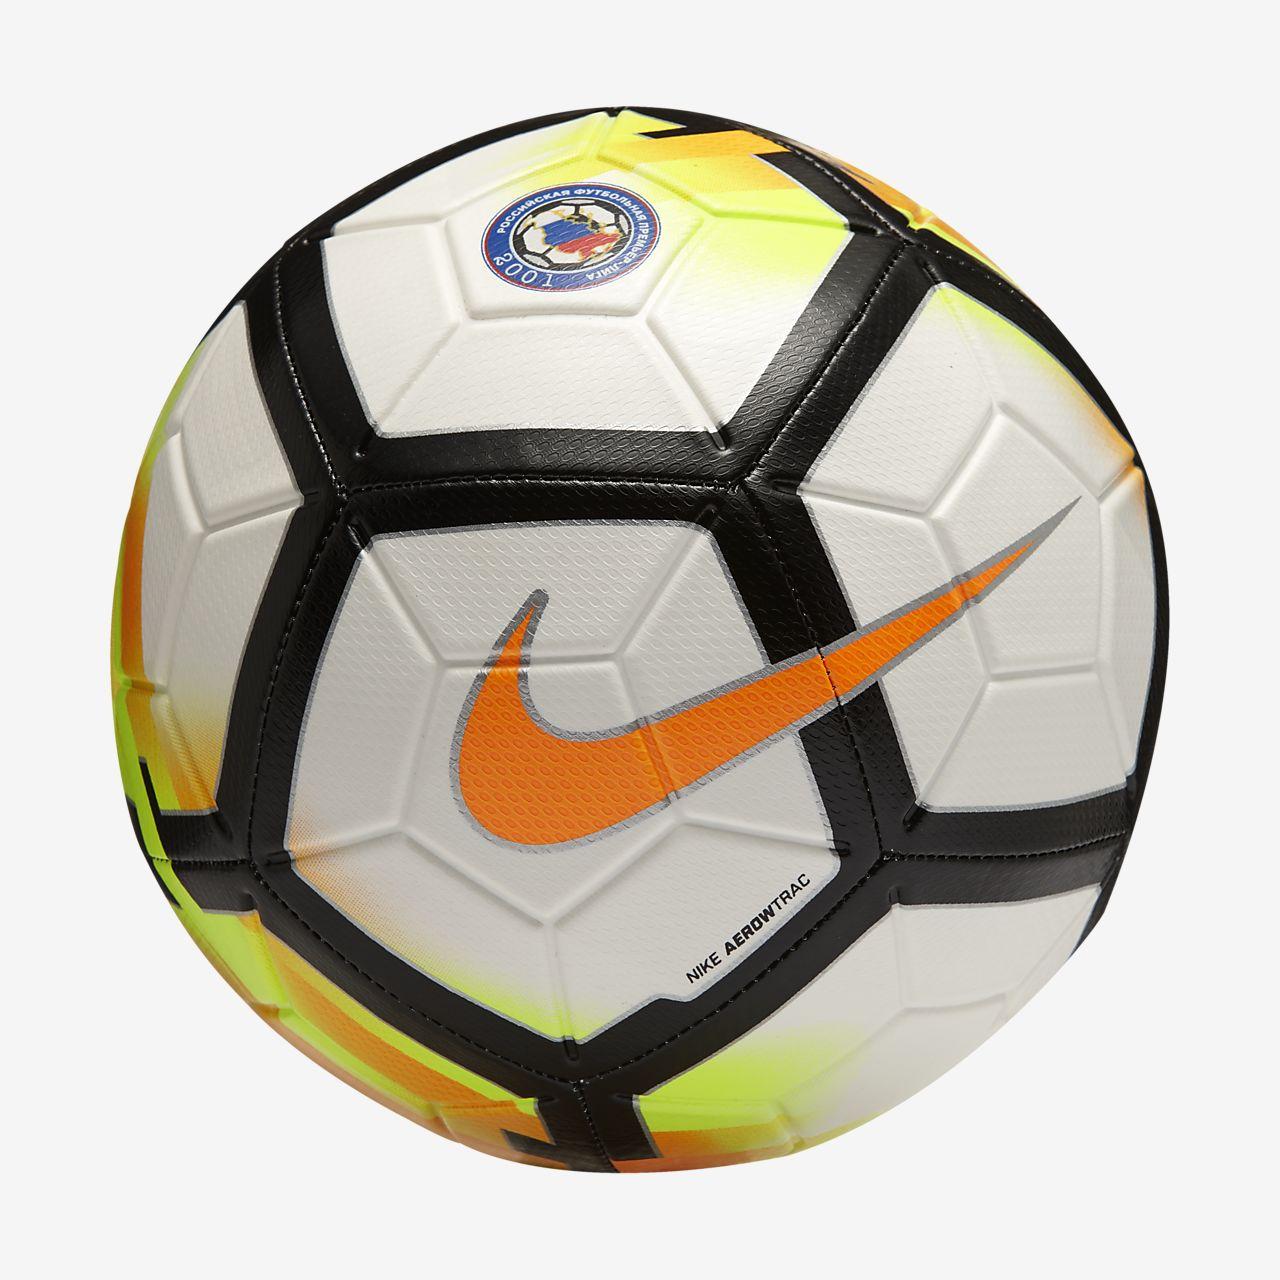 Μπάλα ποδοσφαίρου Nike Strike RPL